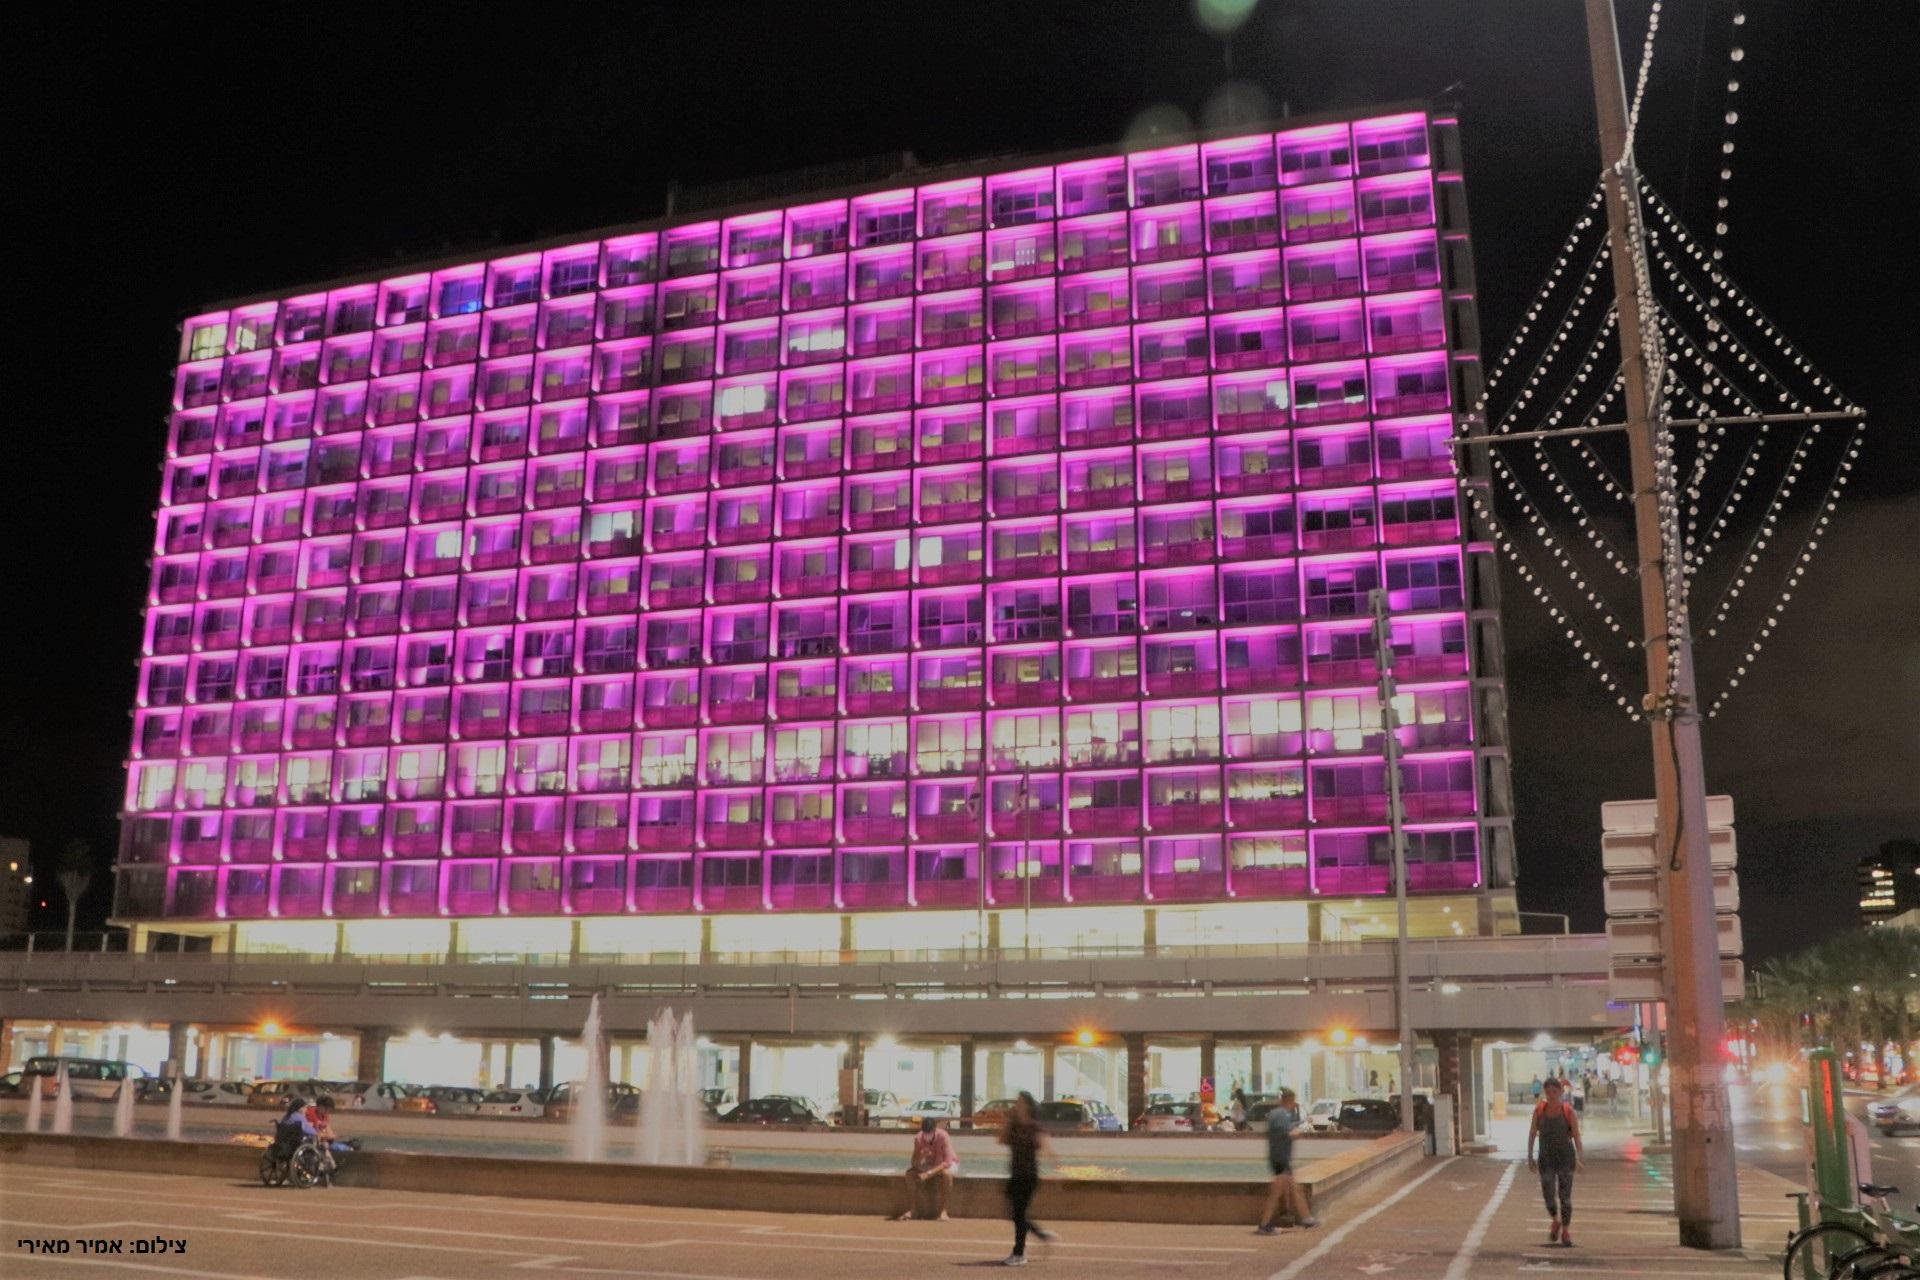 בניין עיריית תל אביב מואר בוורוד לרגל חודש המודעות לסרטן השד 2017